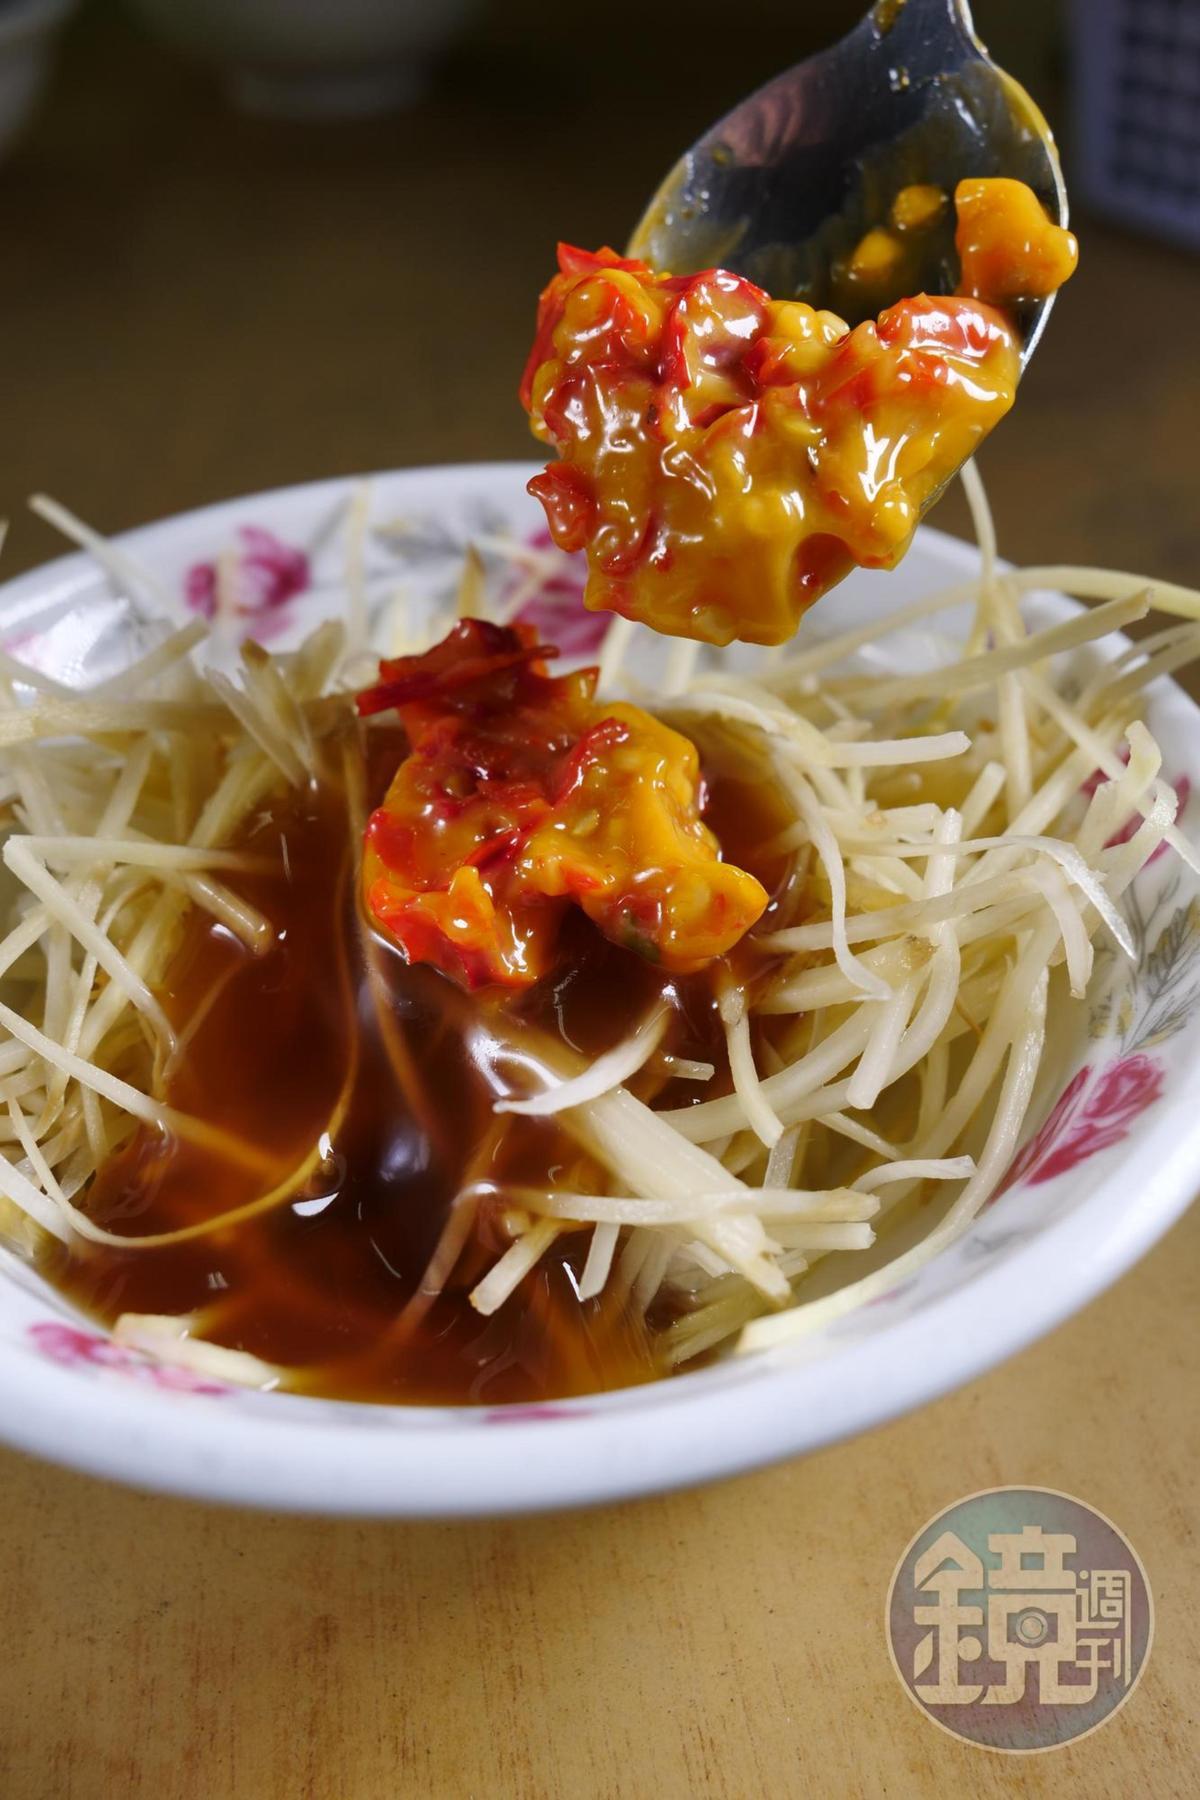 老闆以豬油與辣椒特製辣醬,搭配牛腩特別對味。